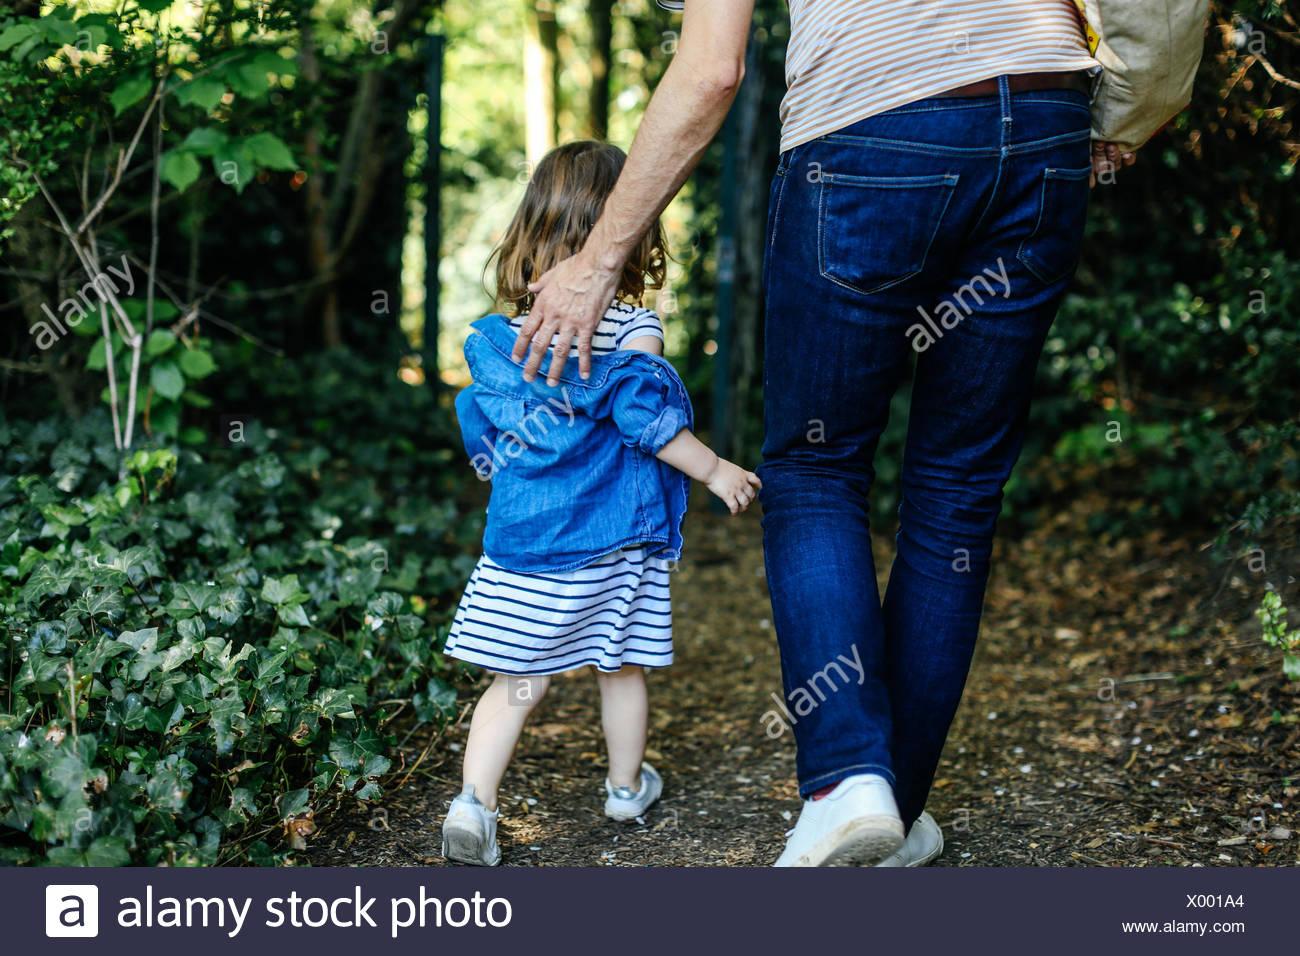 El padre y la niña disfrutando de la naturaleza a pie Imagen De Stock